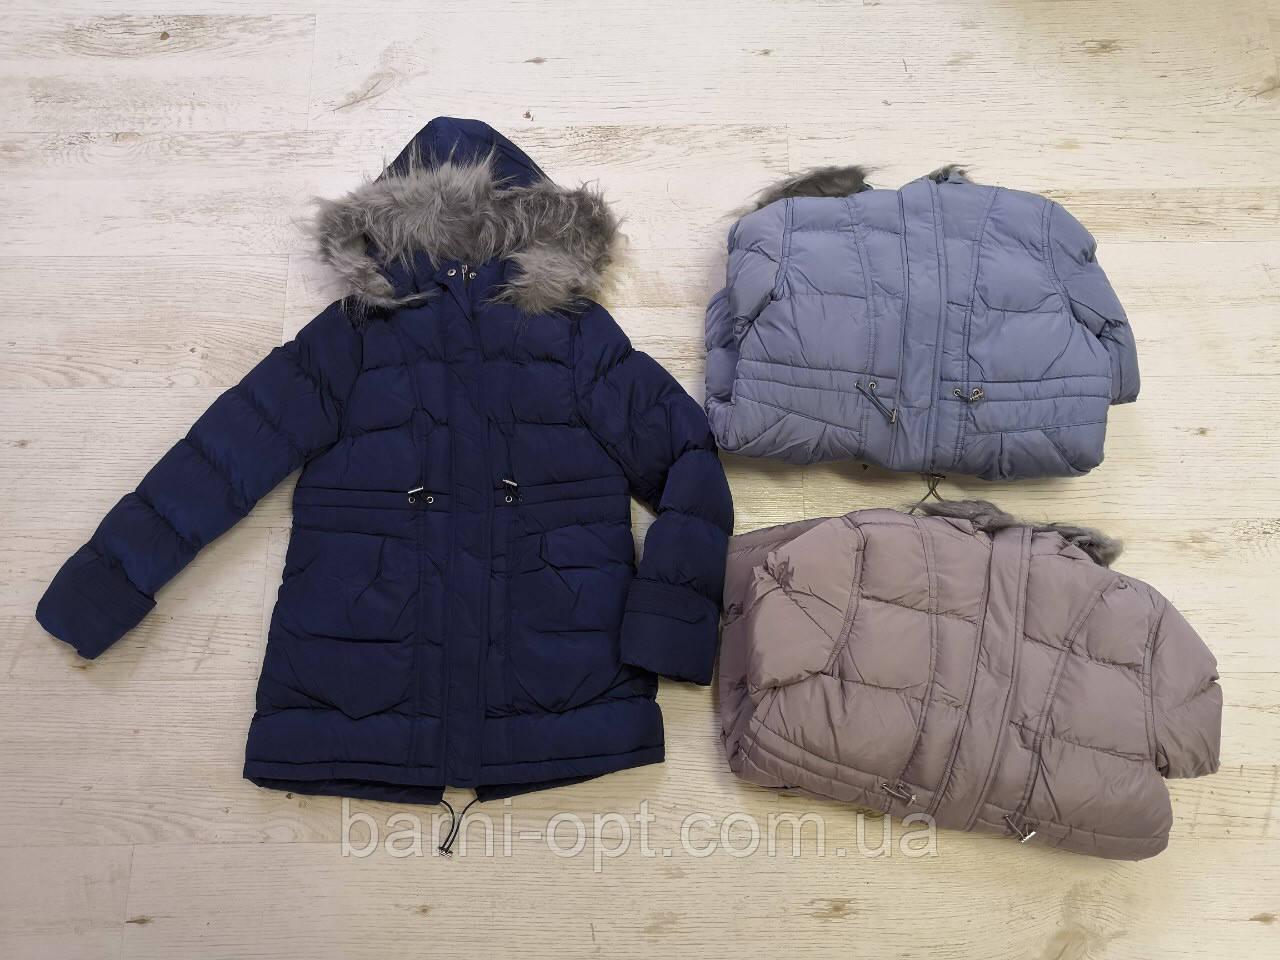 Зимова куртка-пальто на дівчинку оптом, Glo-story, 134/140-170 рр